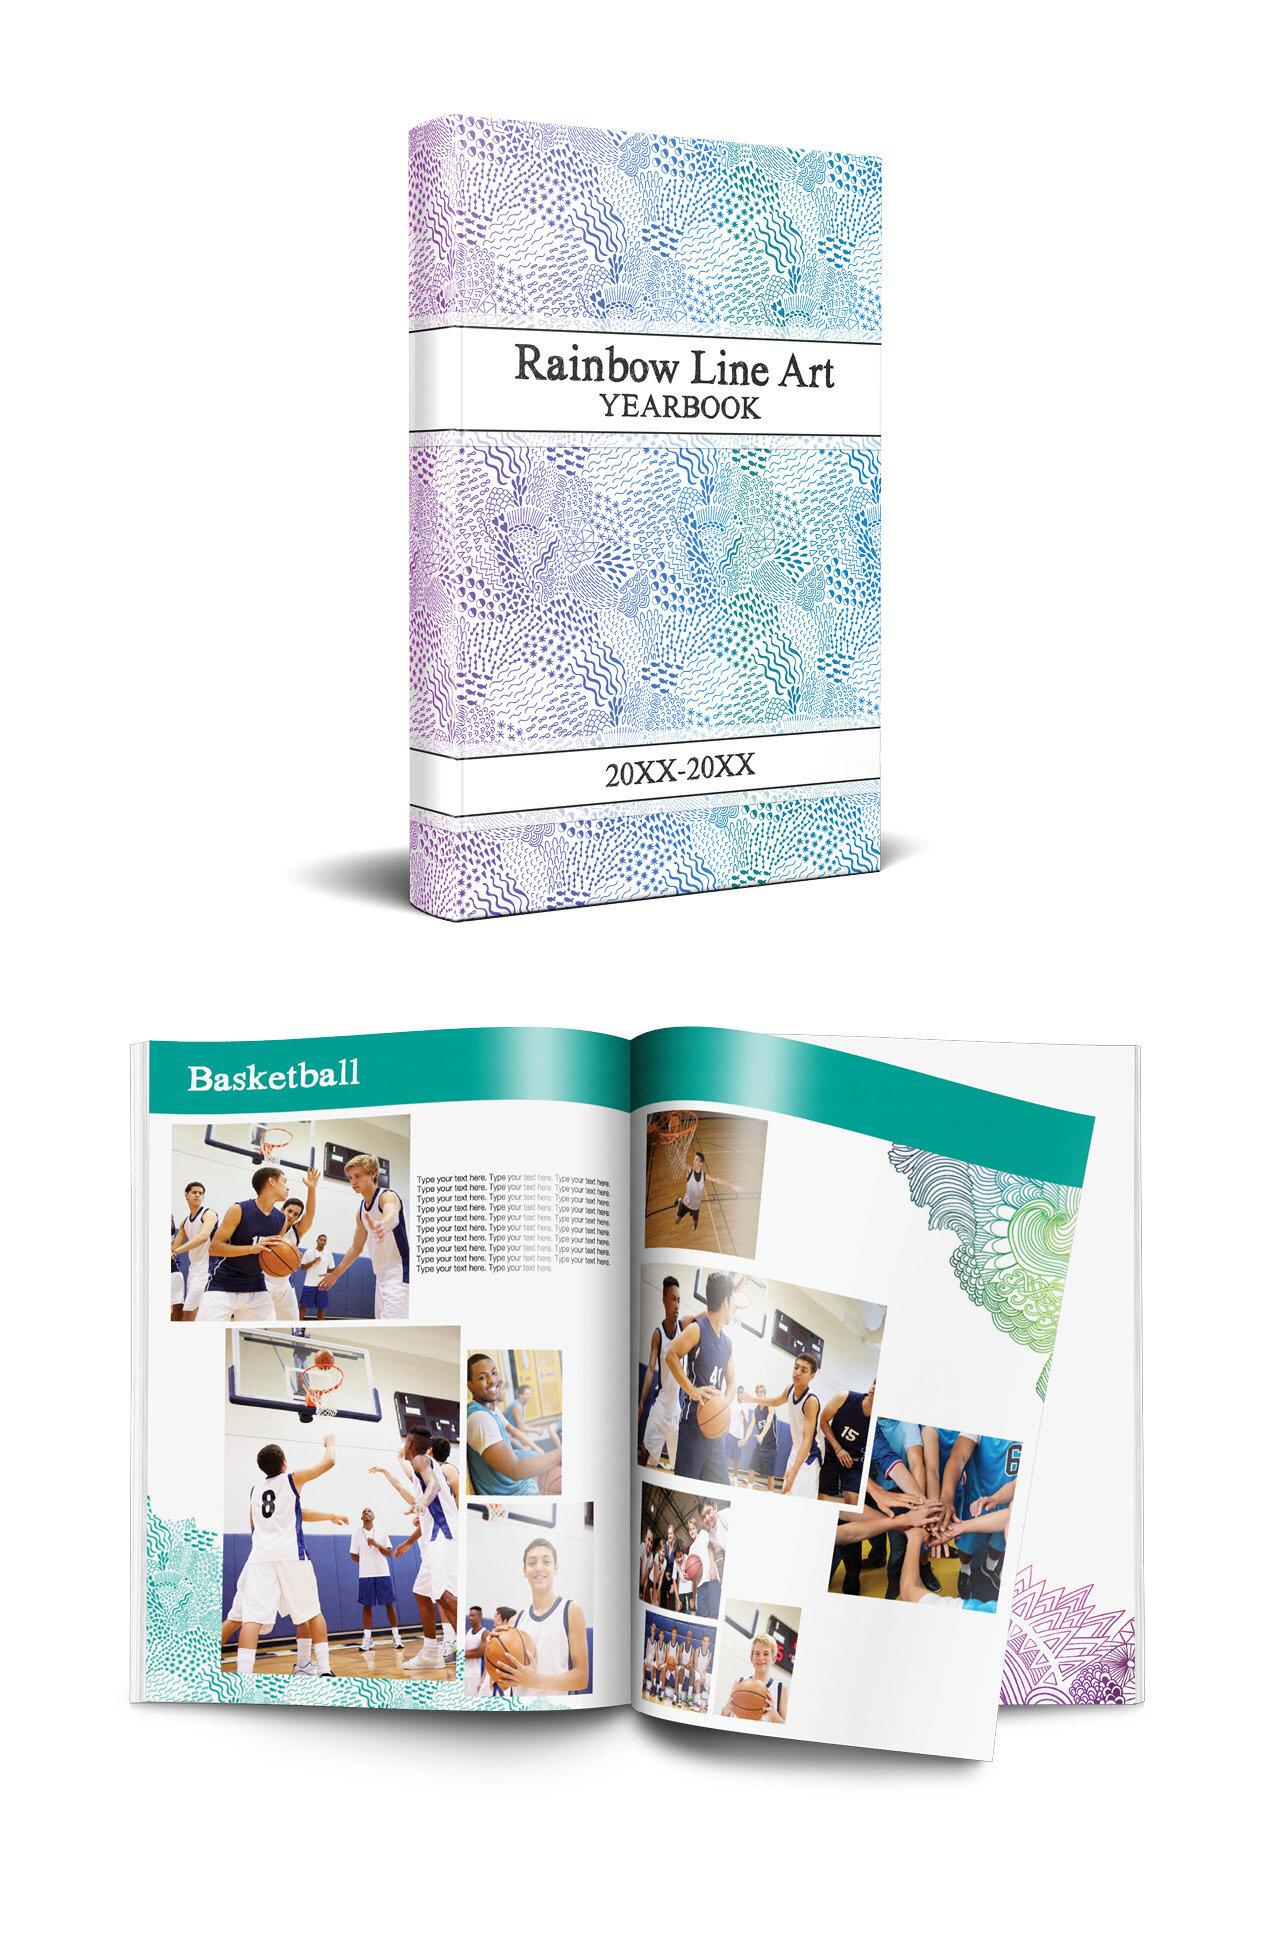 TreeRing_Rainbow Line Art.jpg